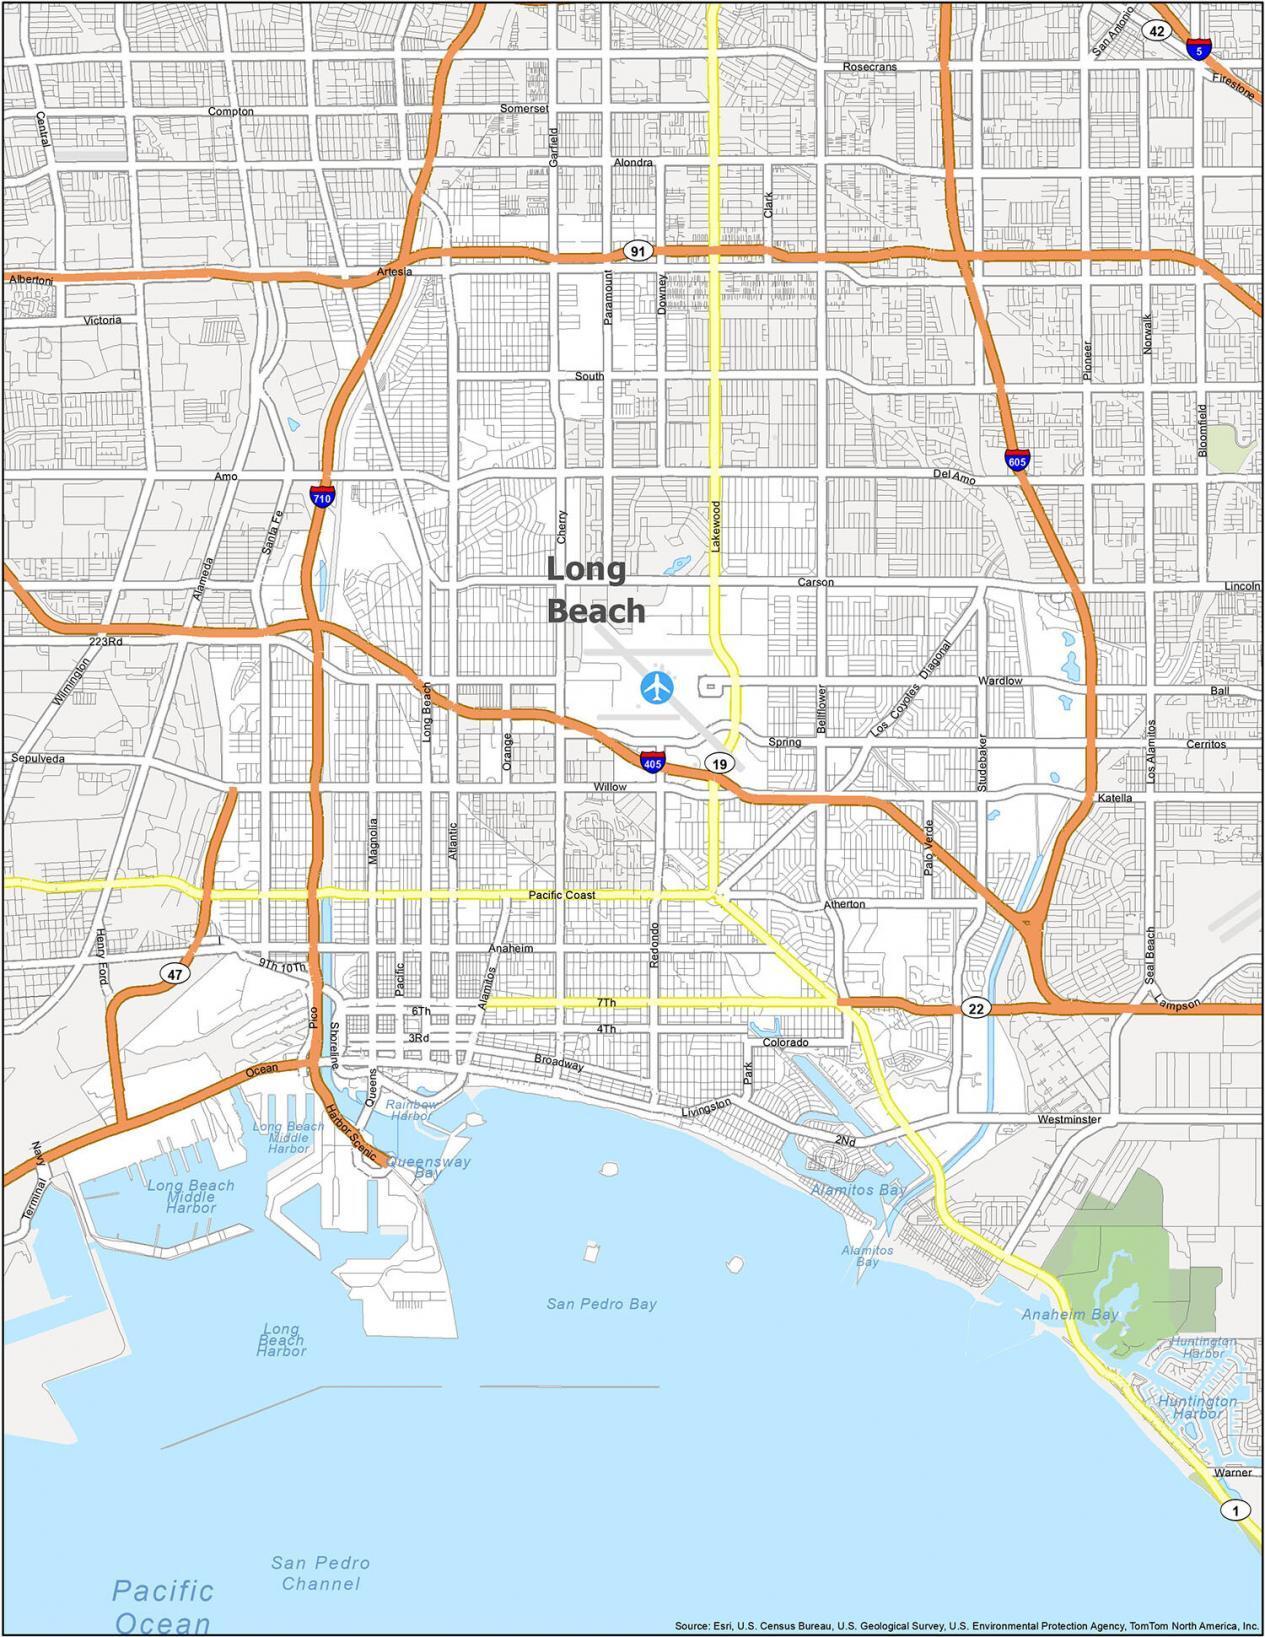 Long Beach Road Map